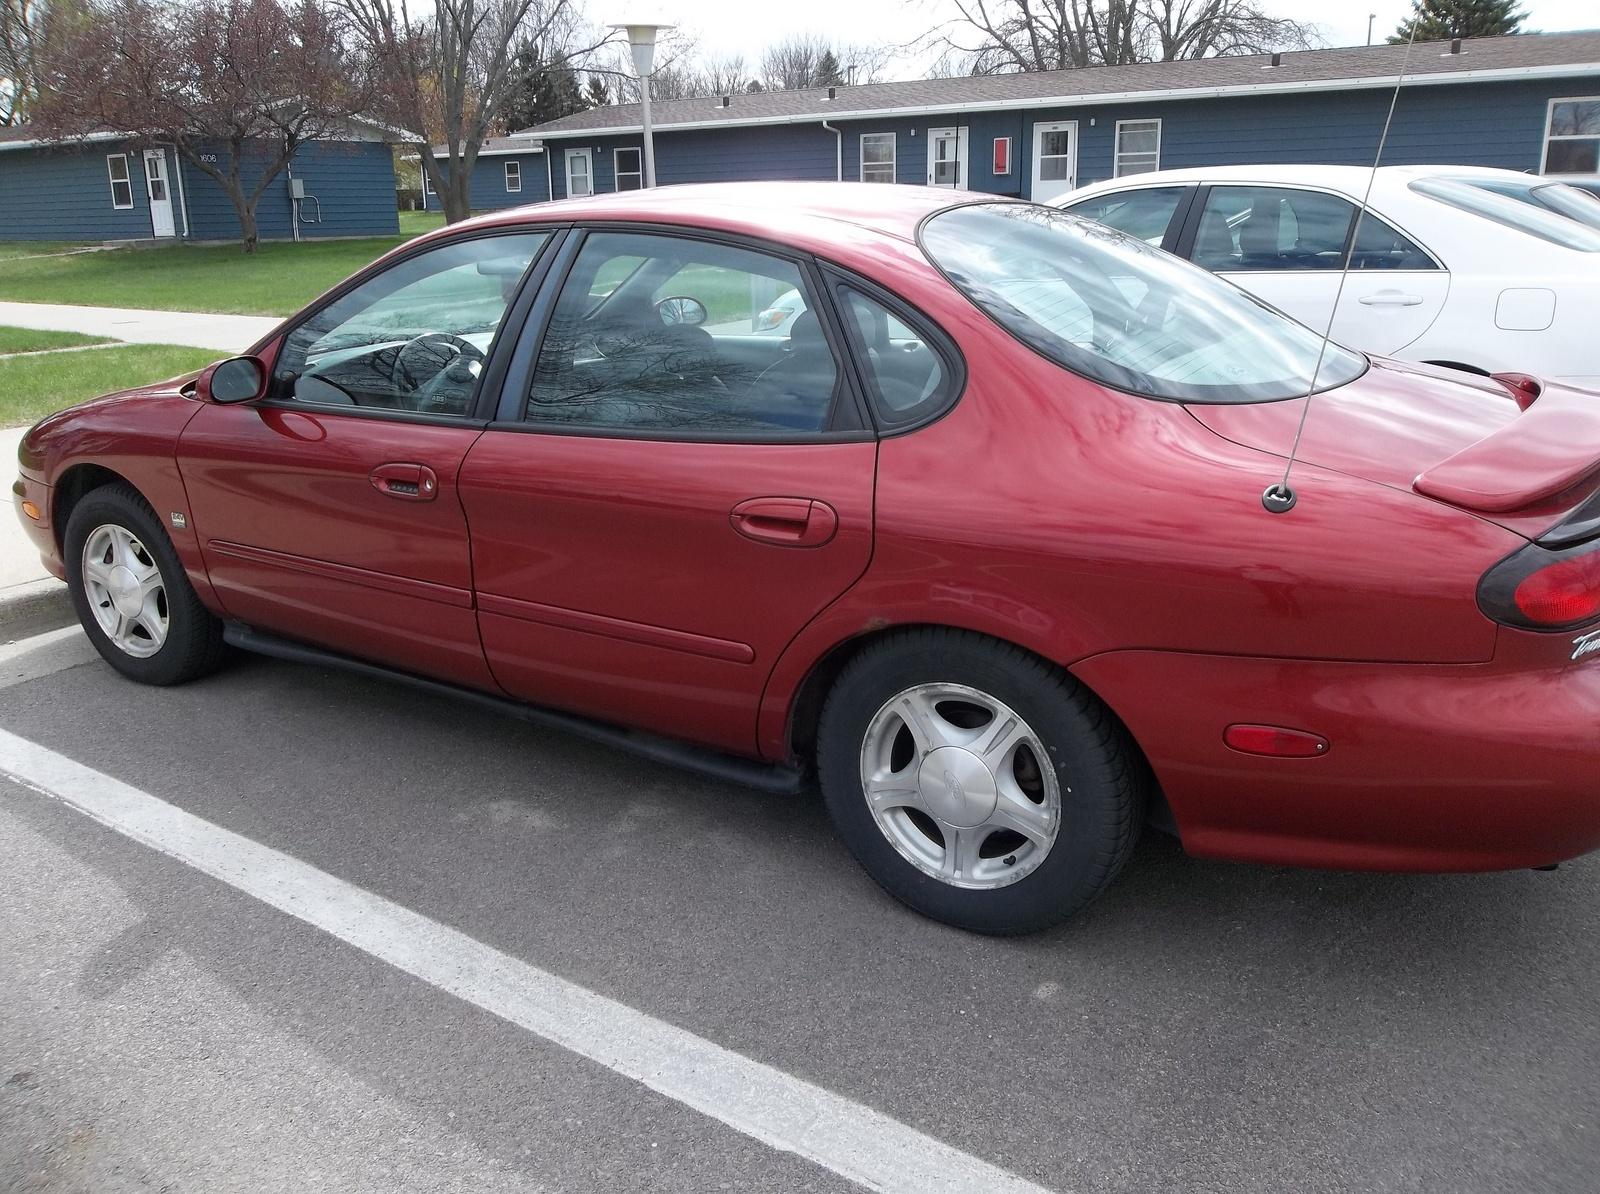 1990 Ford Taurus >> 1999 Ford Taurus - Exterior Pictures - CarGurus